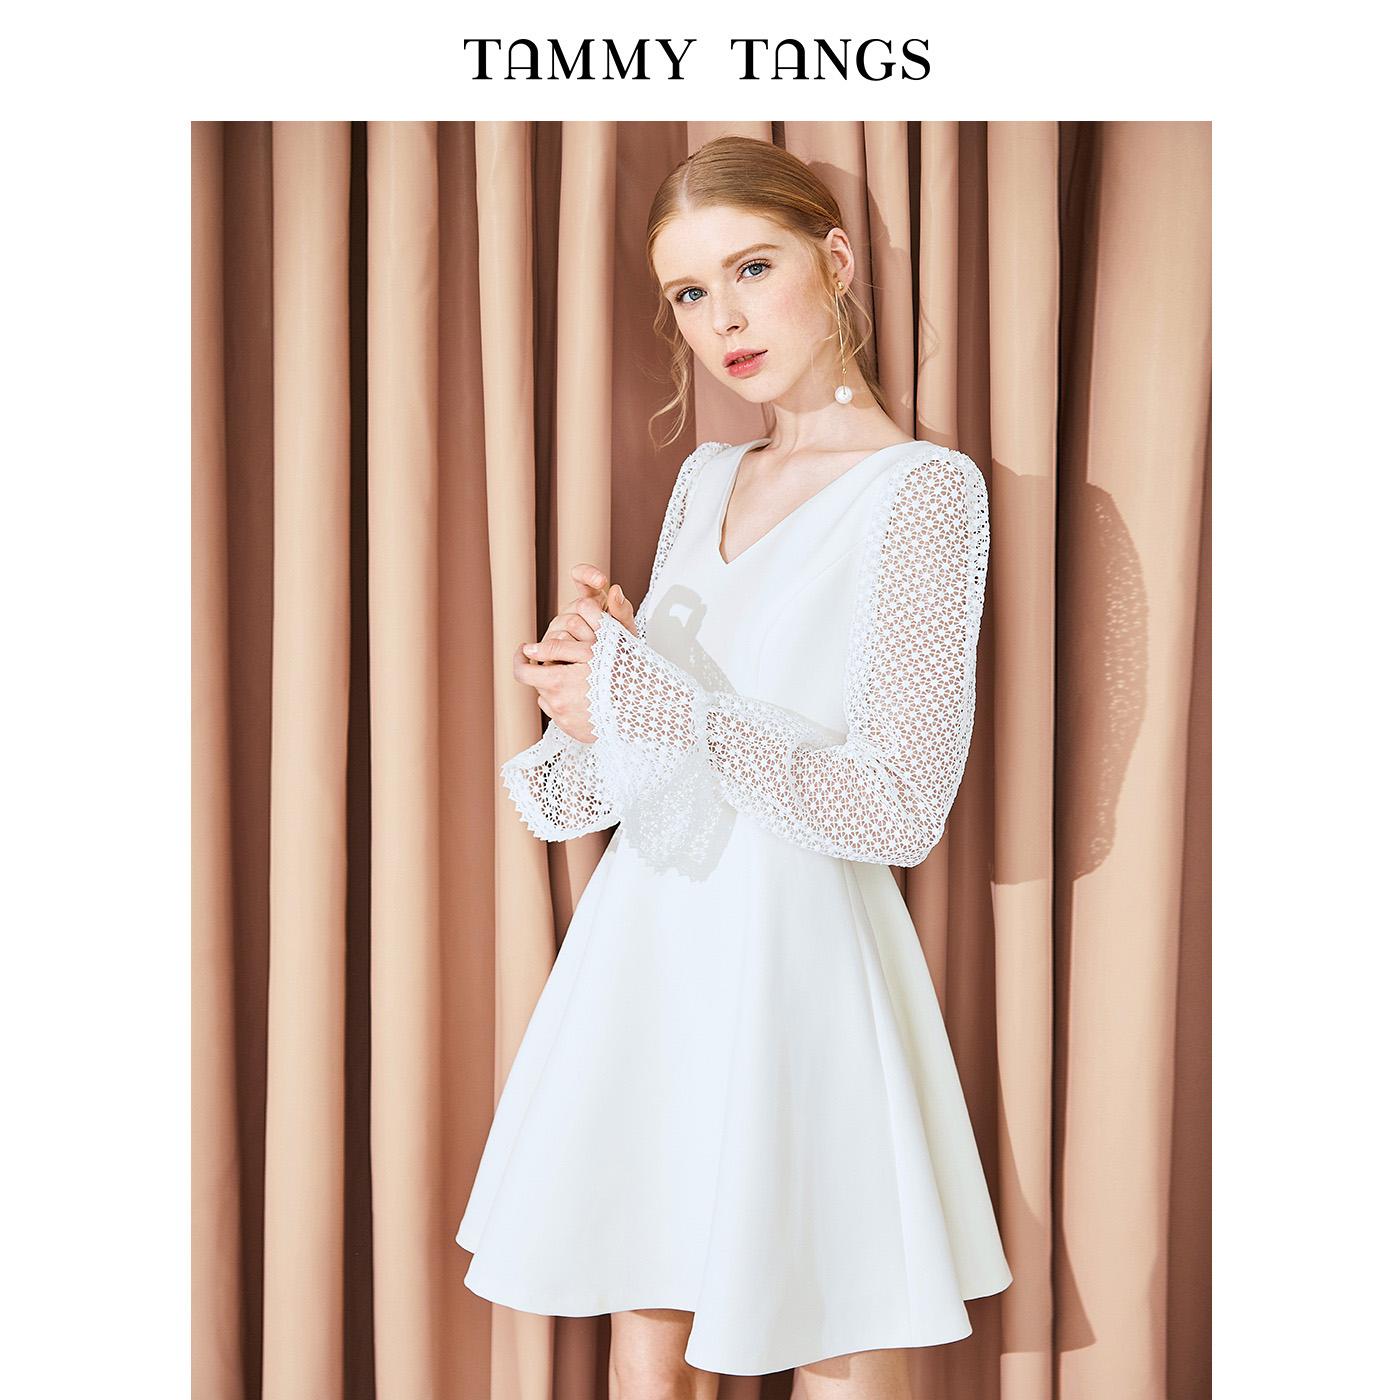 糖力2018秋装新款白色欧美镂空蕾丝拼接连衣裙女长袖高腰显瘦裙子